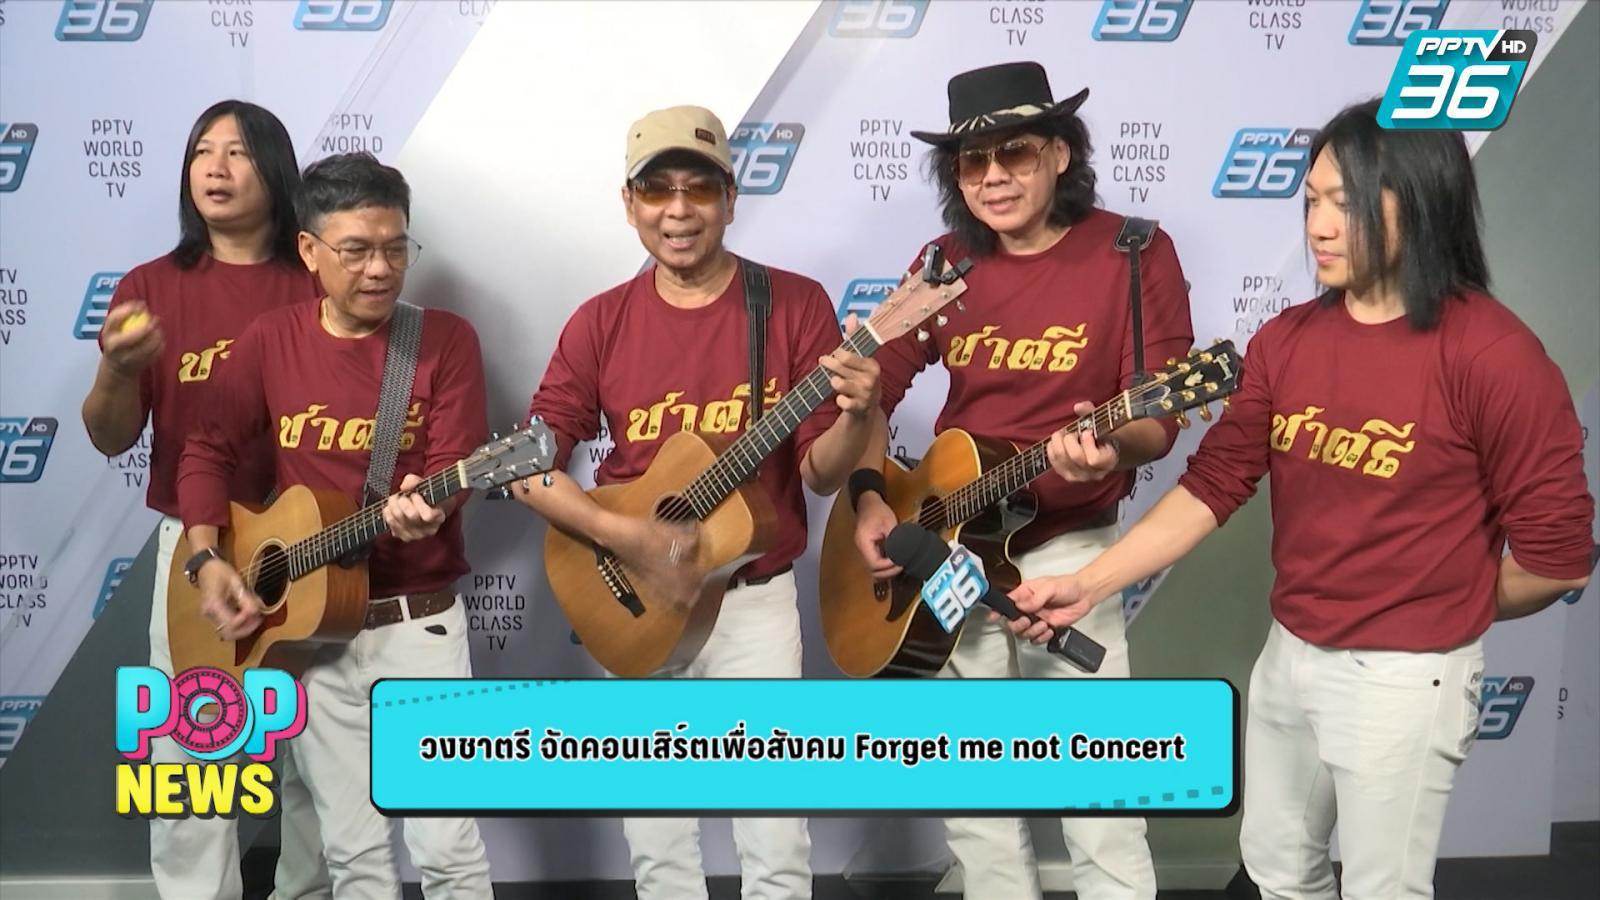 วงชาตรี จัดคอนเสิร์ตเพื่อสังคม Forget me not Concert